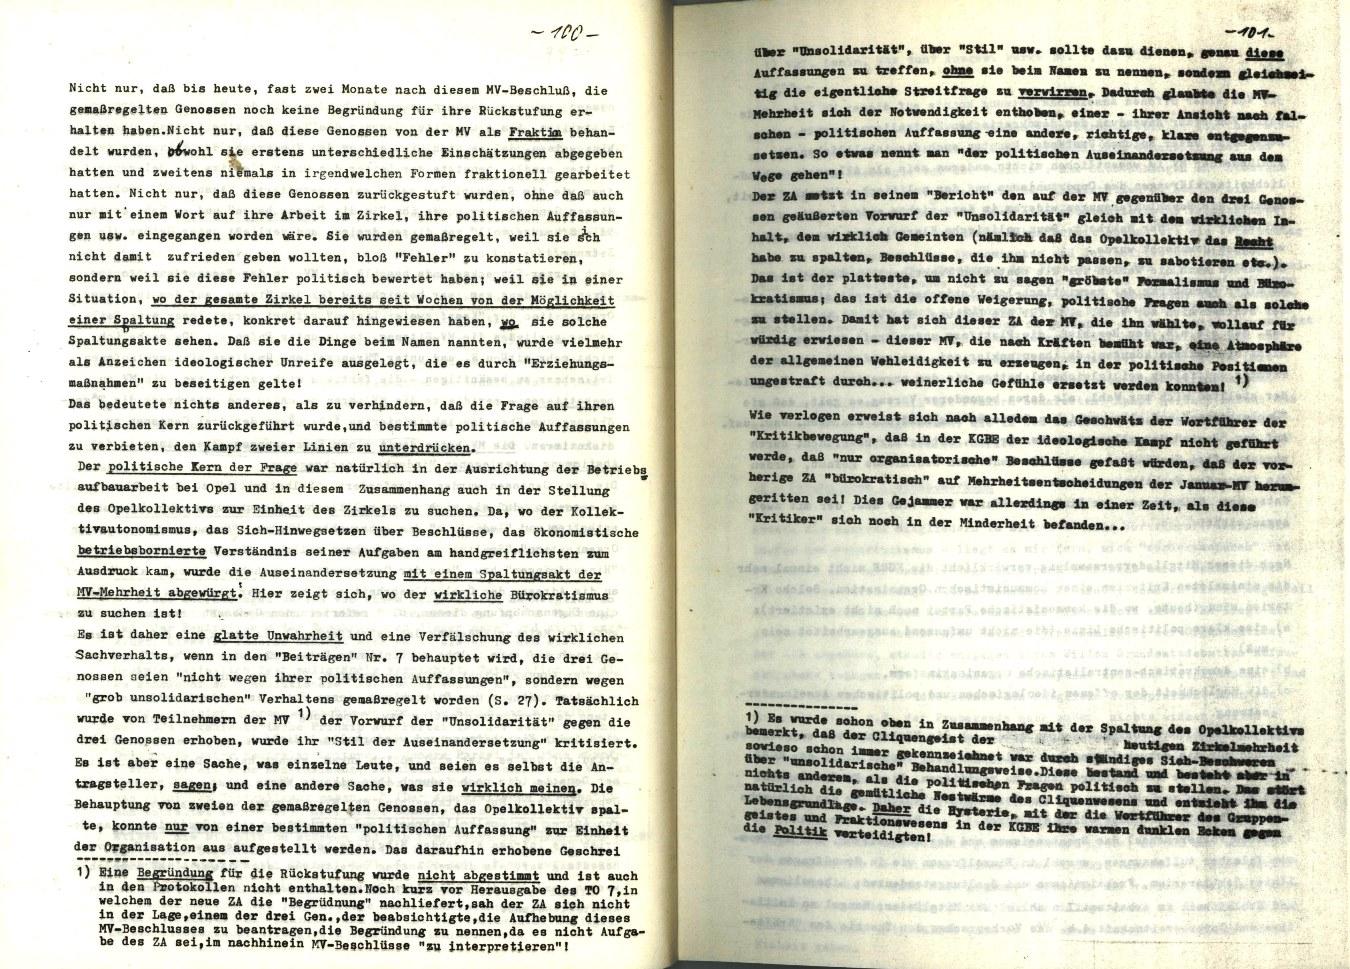 KGBE_Ehemalige_1977_Kritik_an_der_KGBE_54